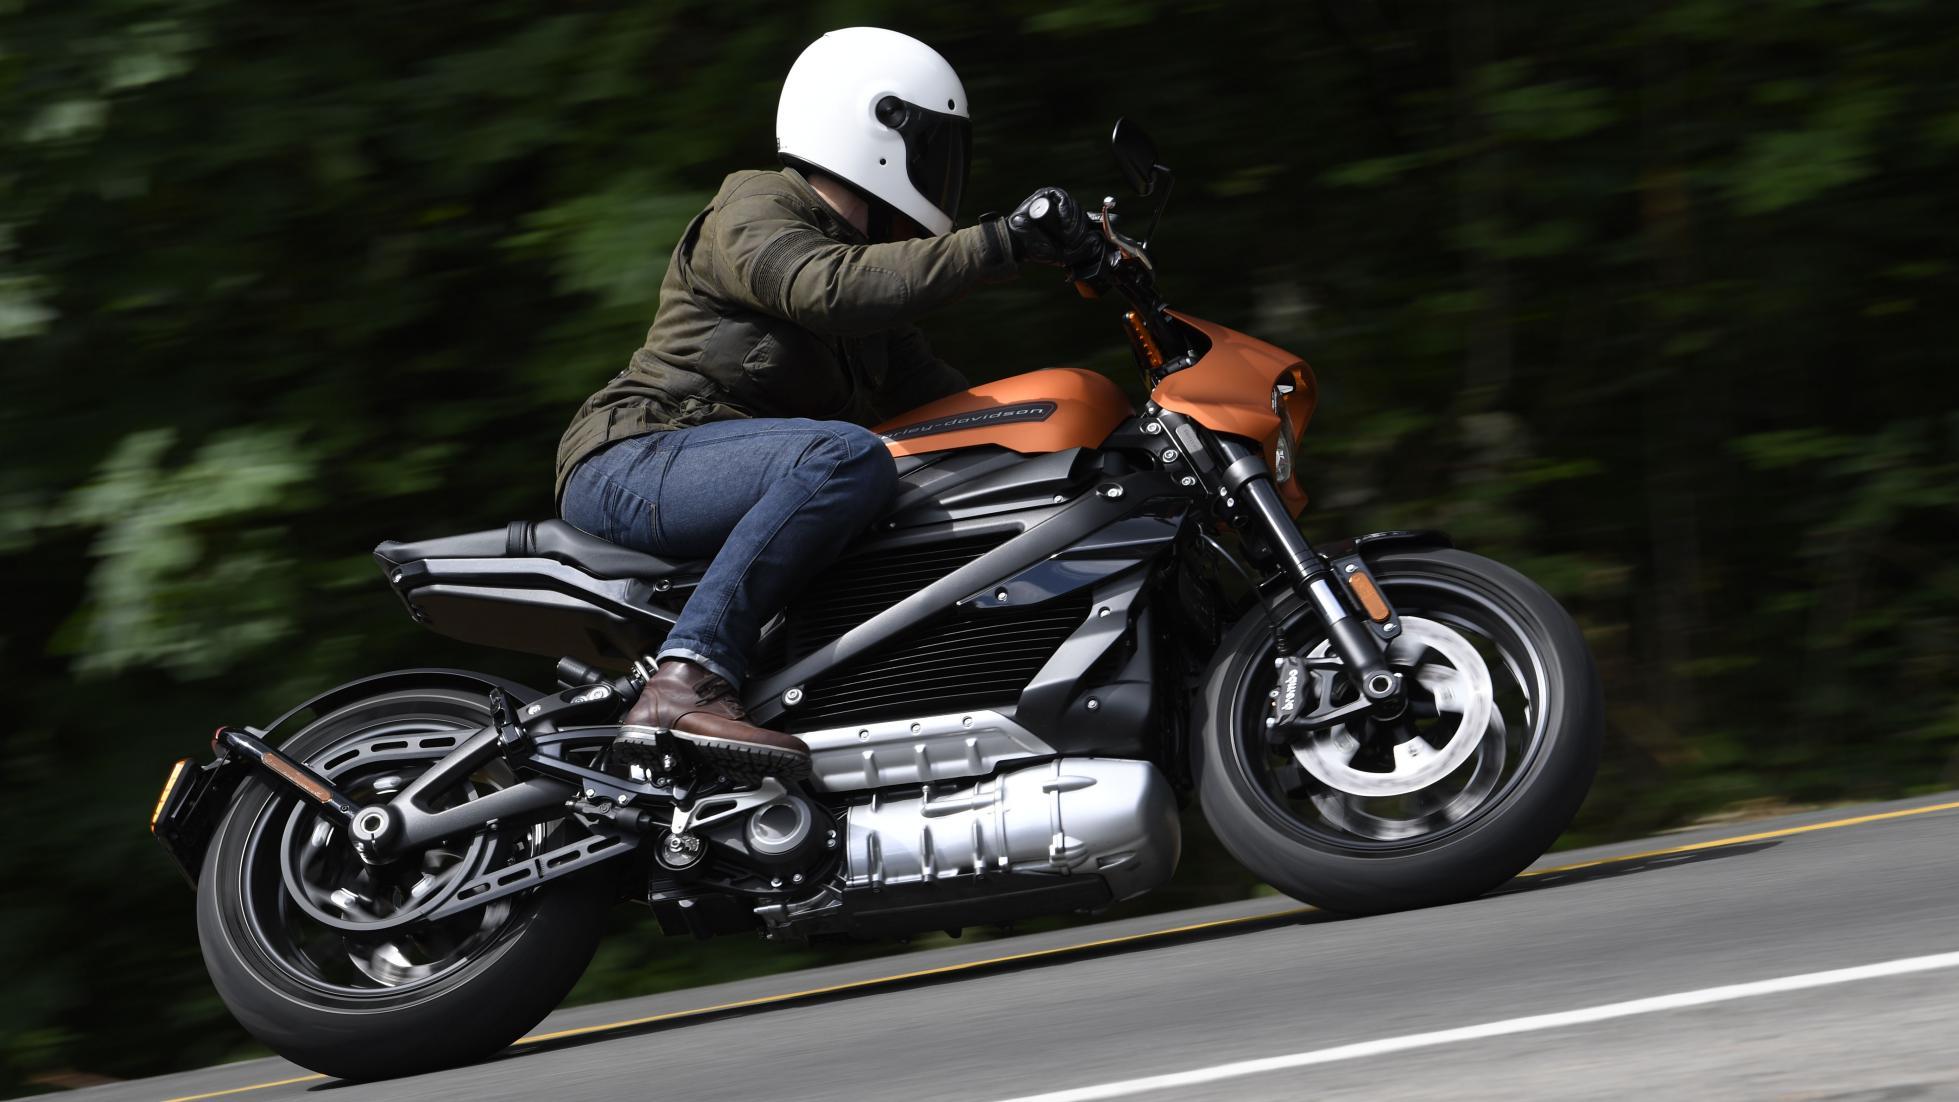 Harley Davidson | Top Gear Philippines